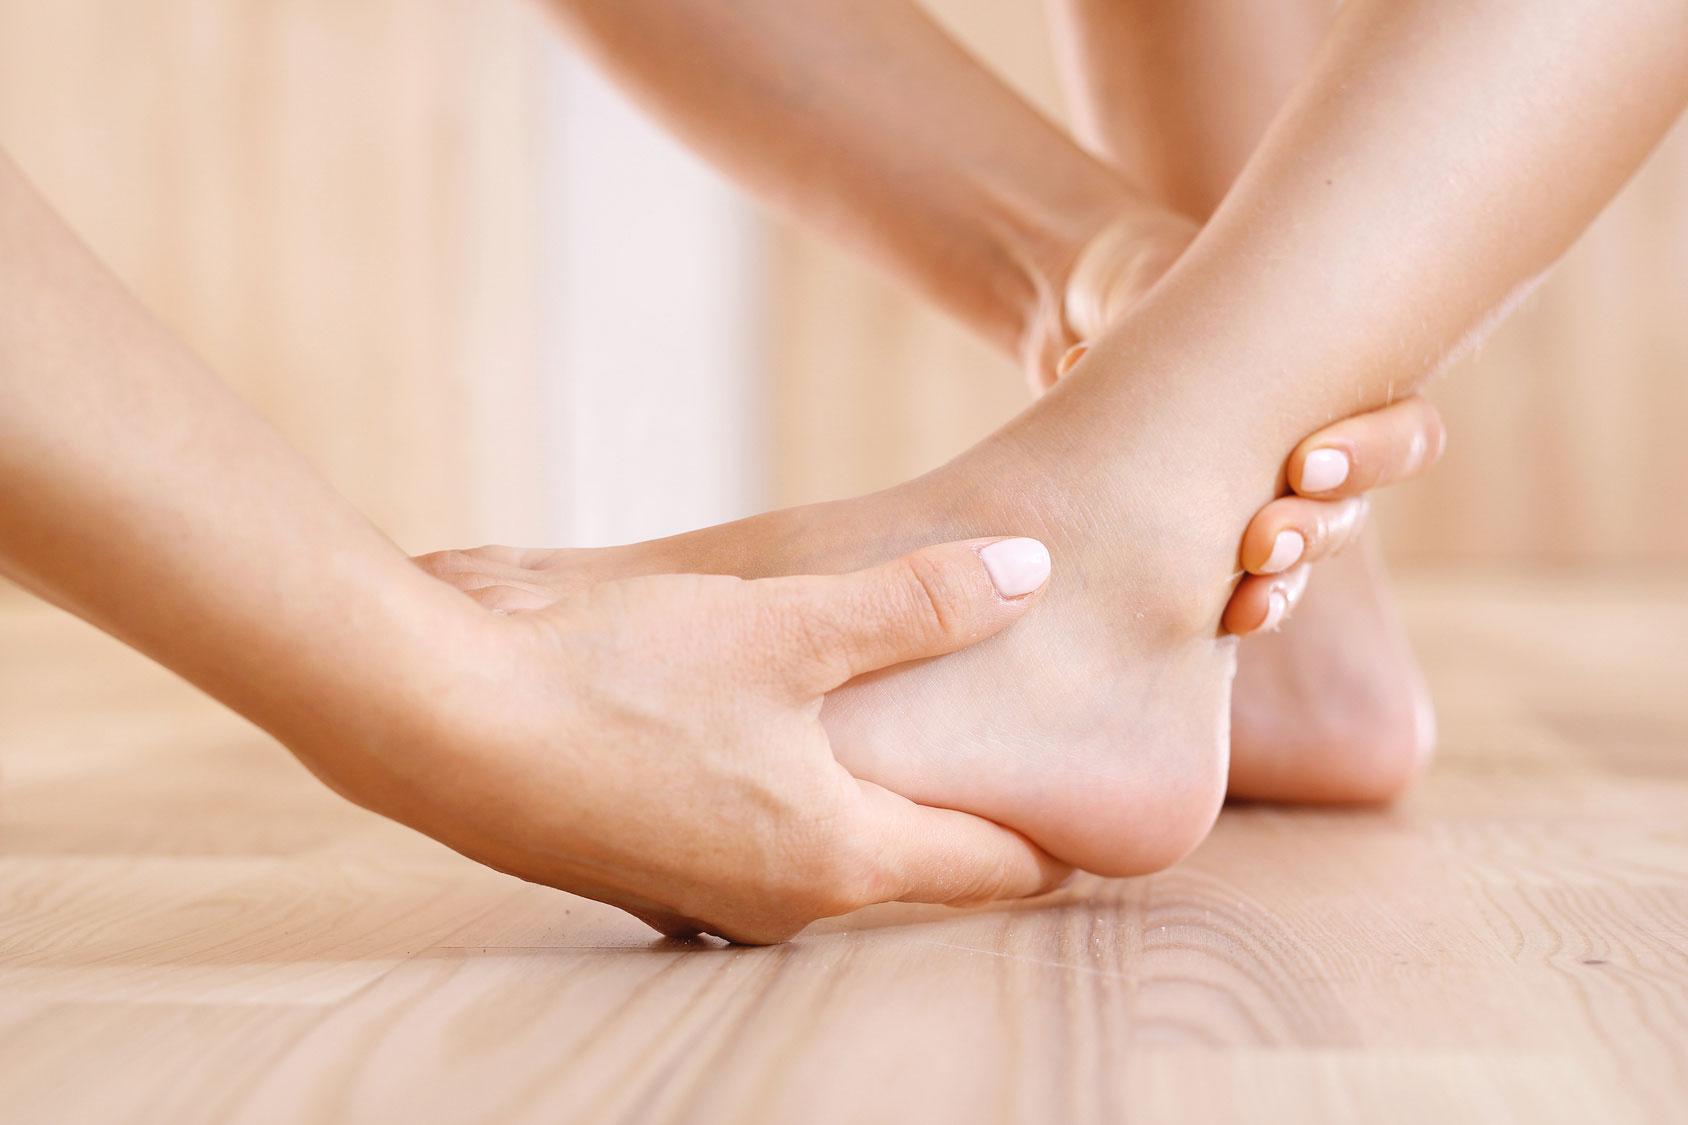 Podologogia,-lesiones-tobillo-y-pie-y-Cirugía-Podologica-Clinica-Mª-del-Mar-Ruiz